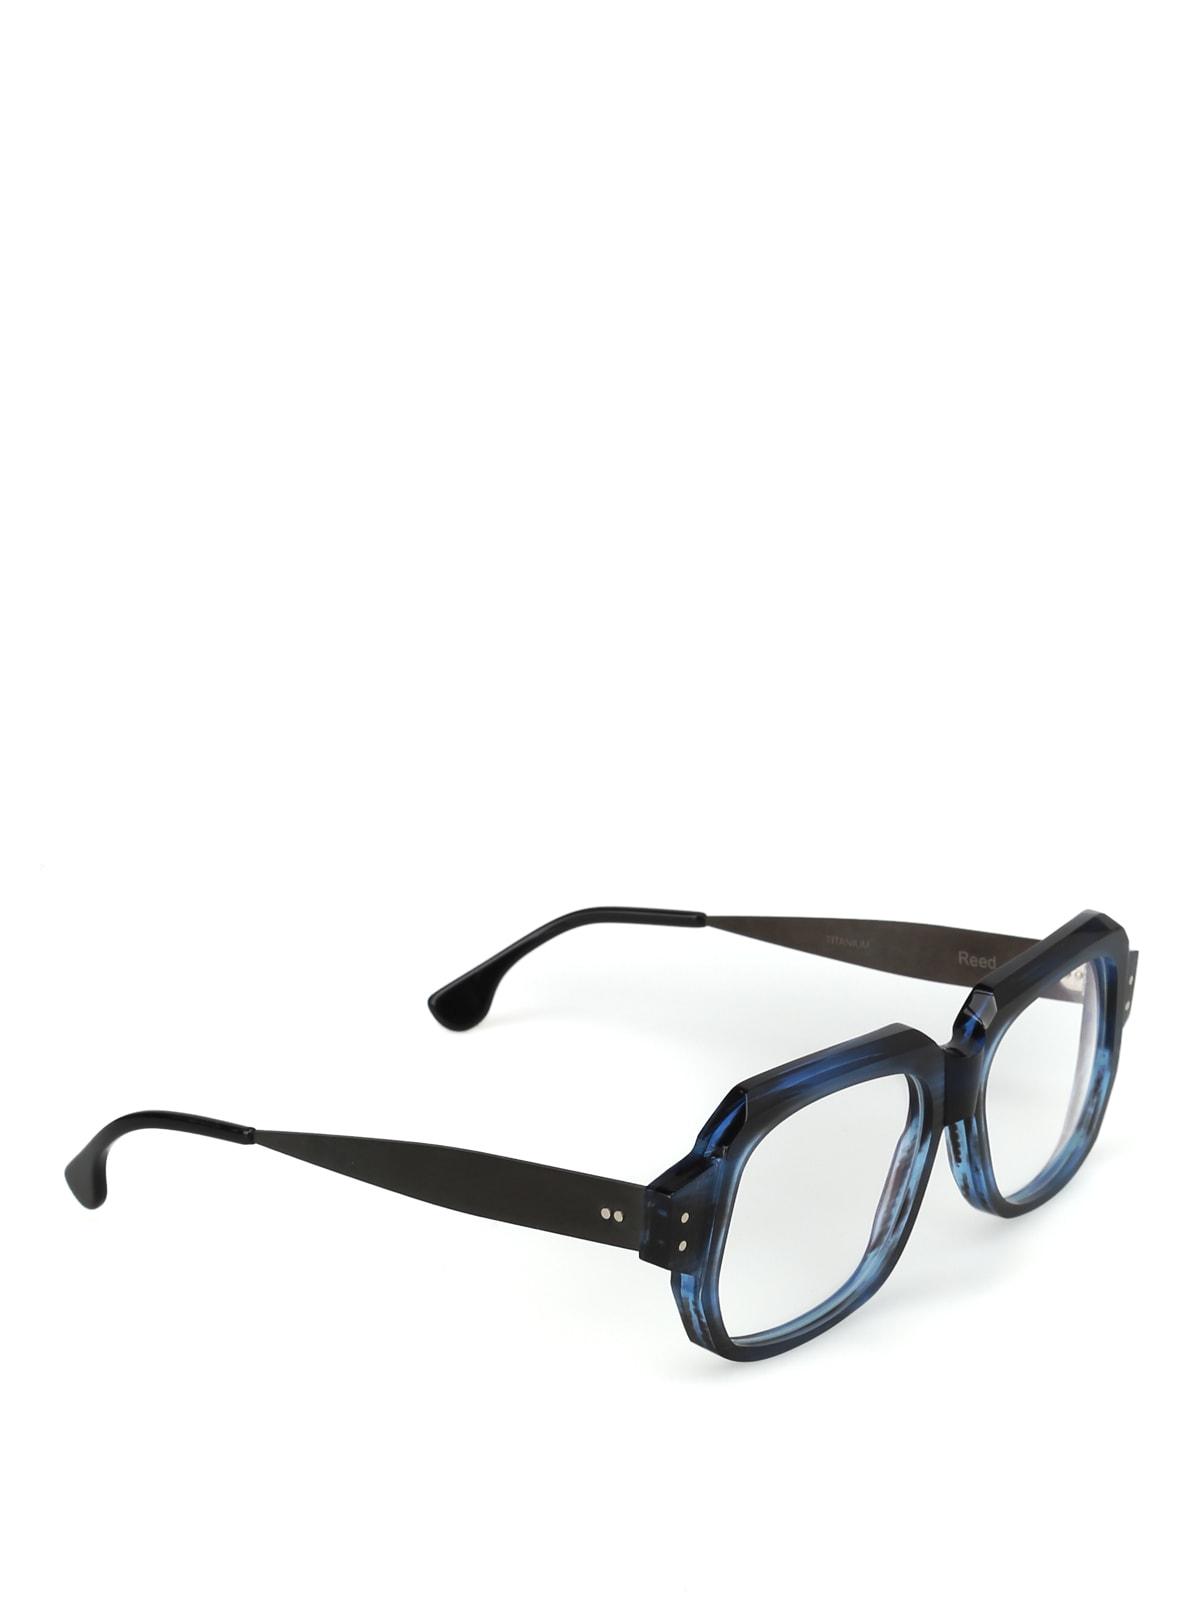 Rapp Eyewear REED Eyewear